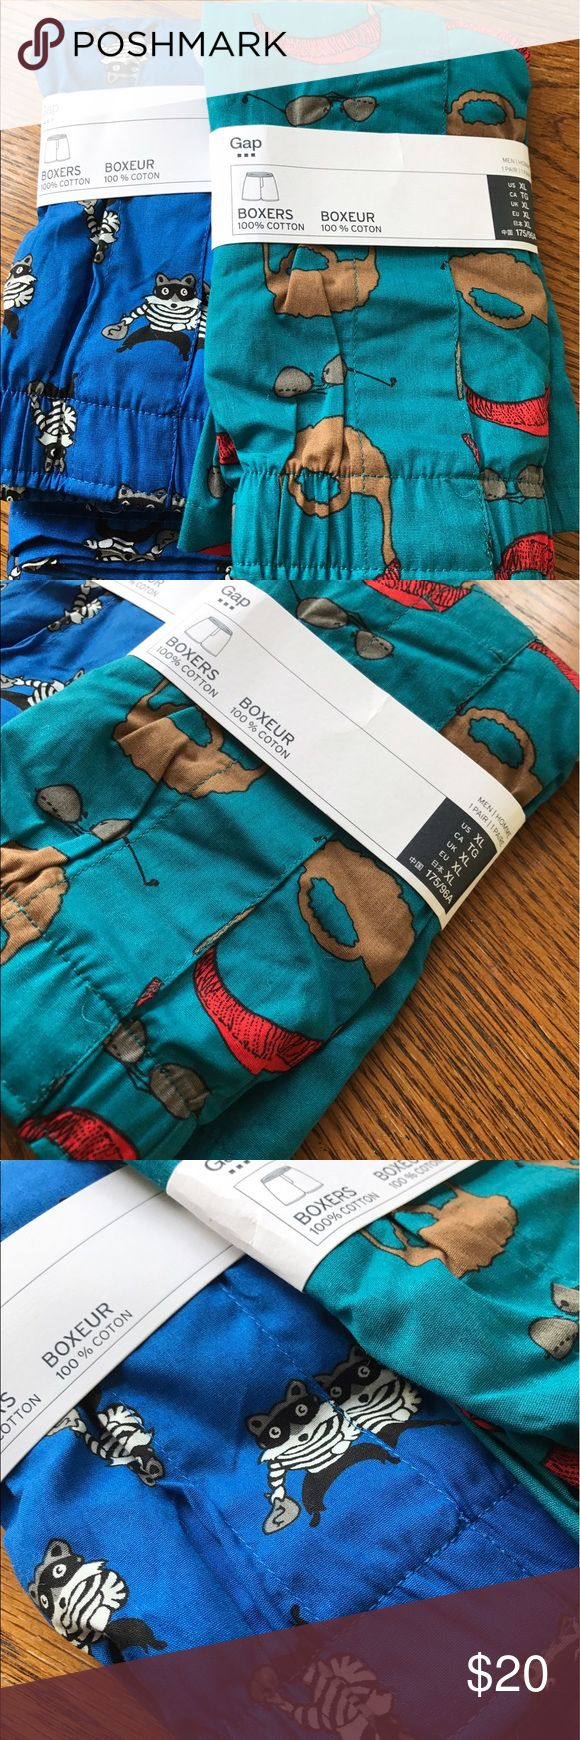 NWT! Men's Gap boxers NWT! Adorable men's boxers bundle. Features 2 pairs, adorable print, size XL. 100% cotton. GAP Underwear & Socks Boxers